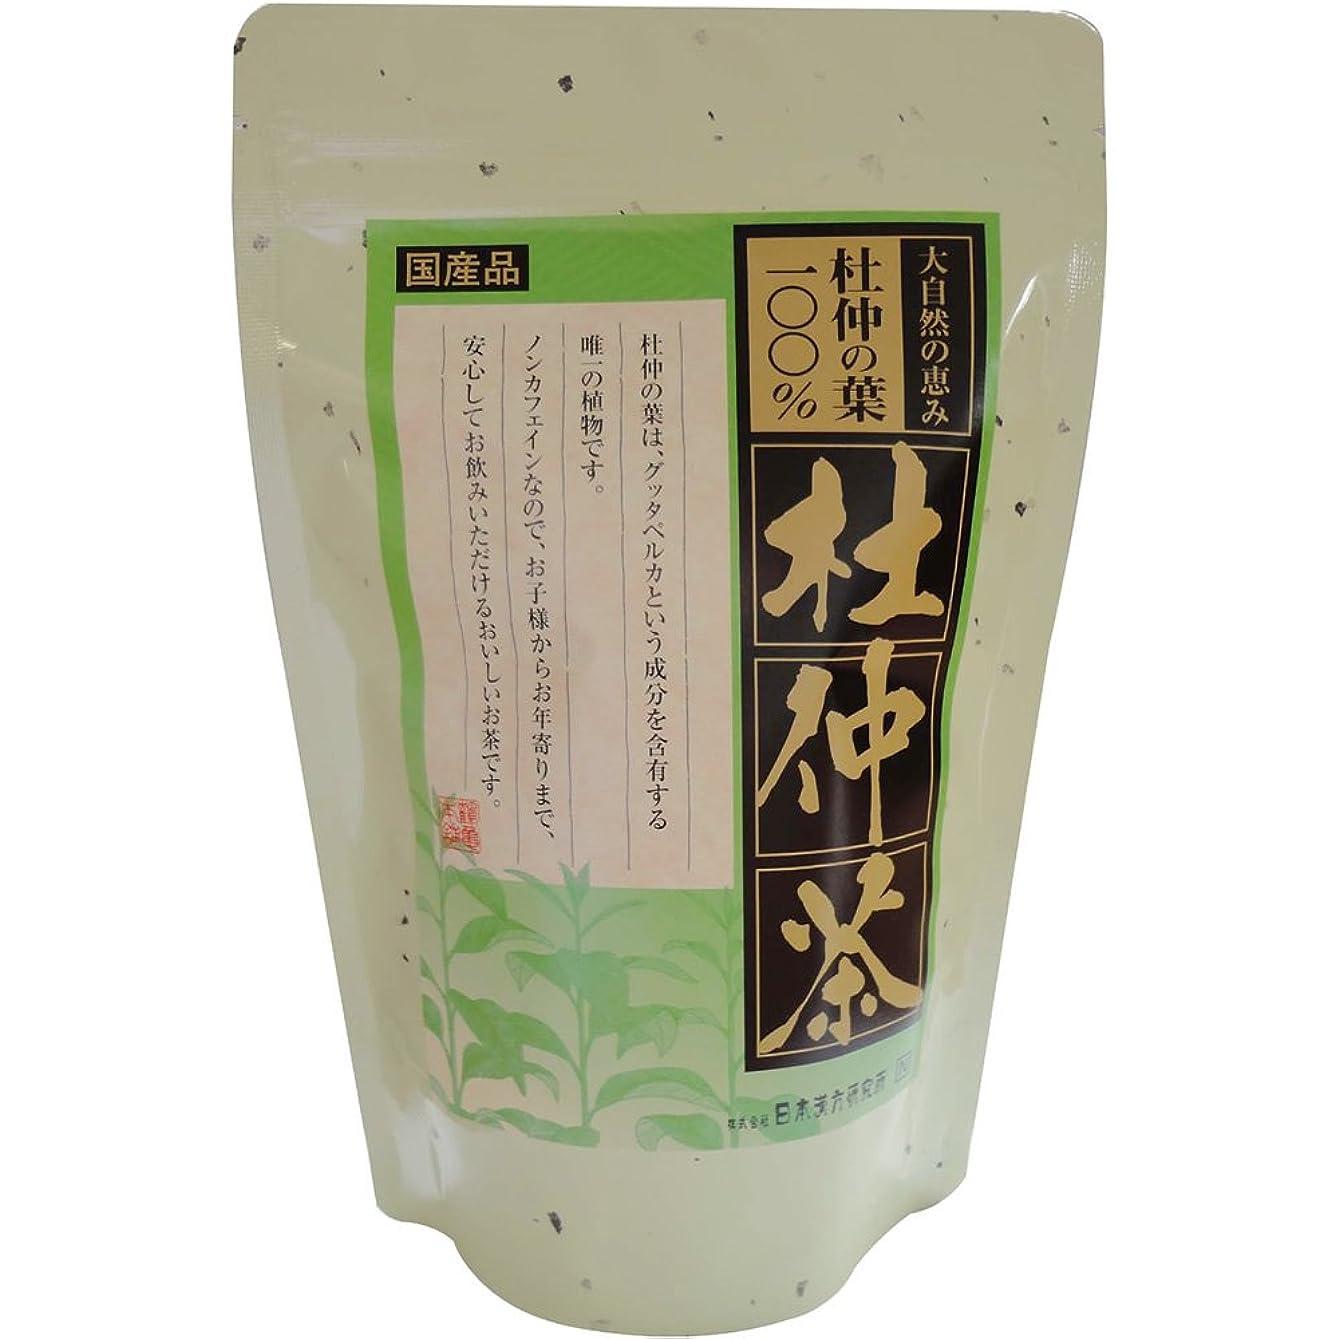 チャペル農奴動機杜仲茶100%(国産品) 2g×30包入